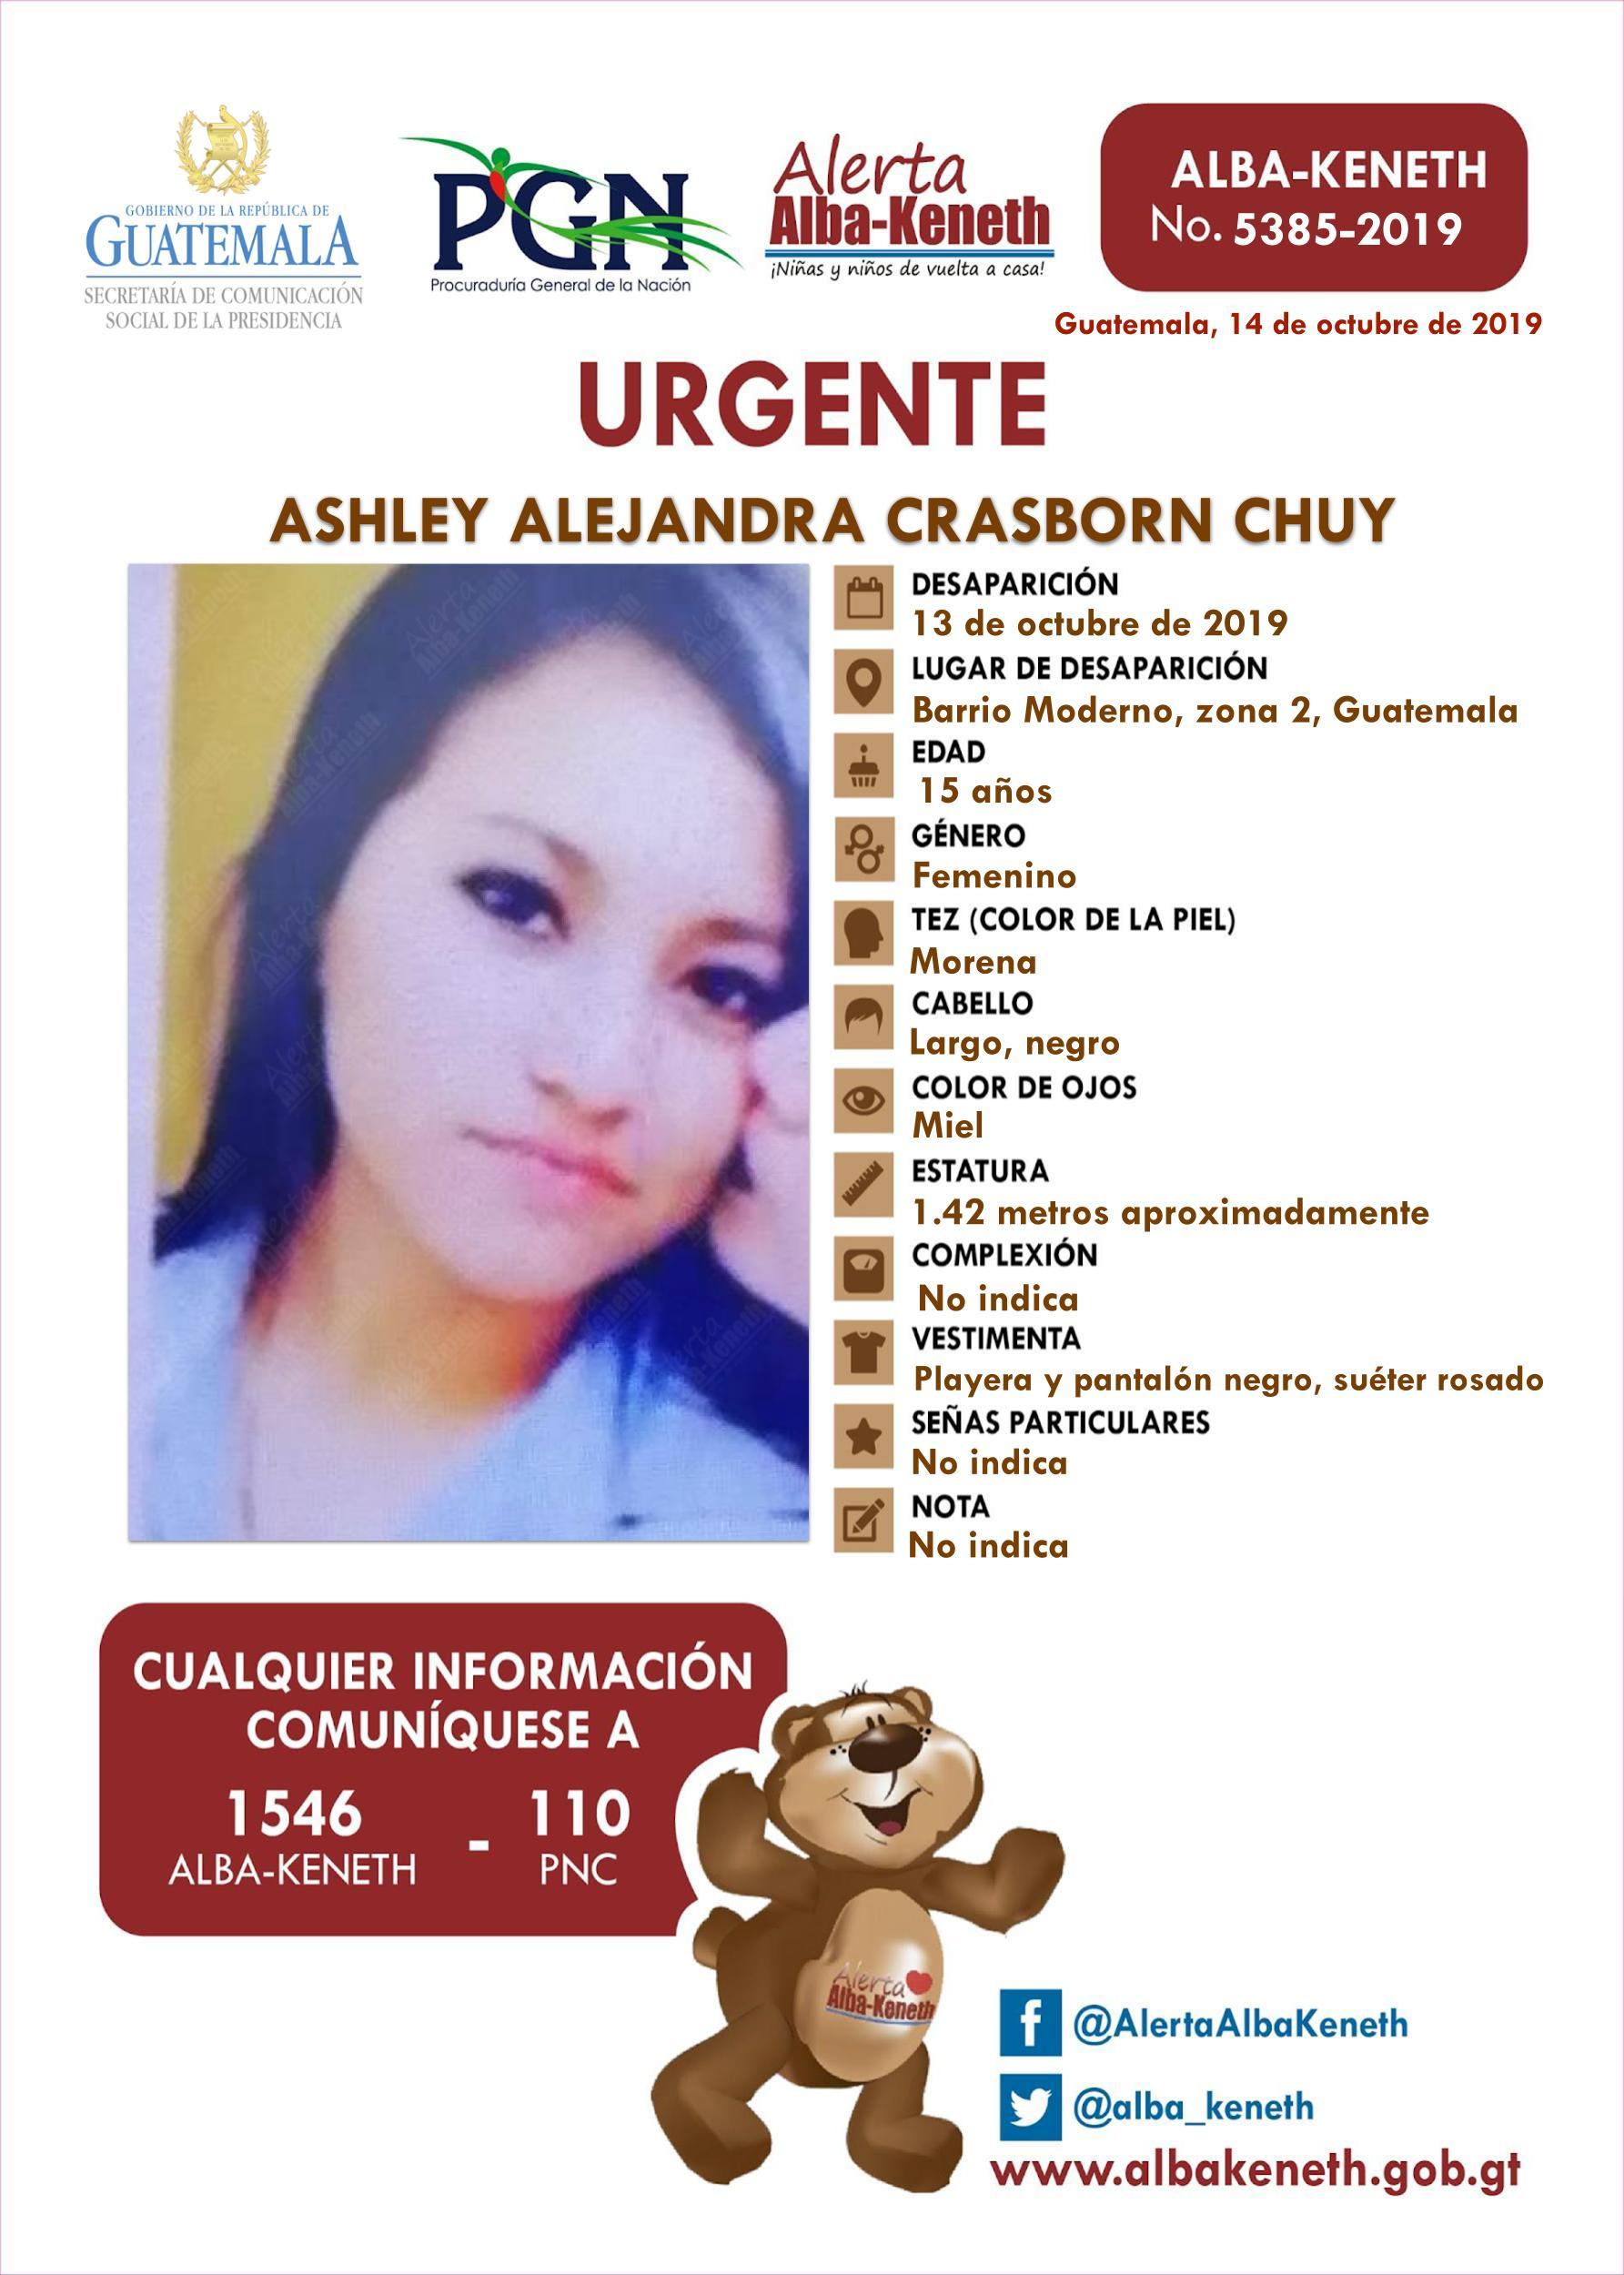 Ashley Alejandra Crasborn Chuy